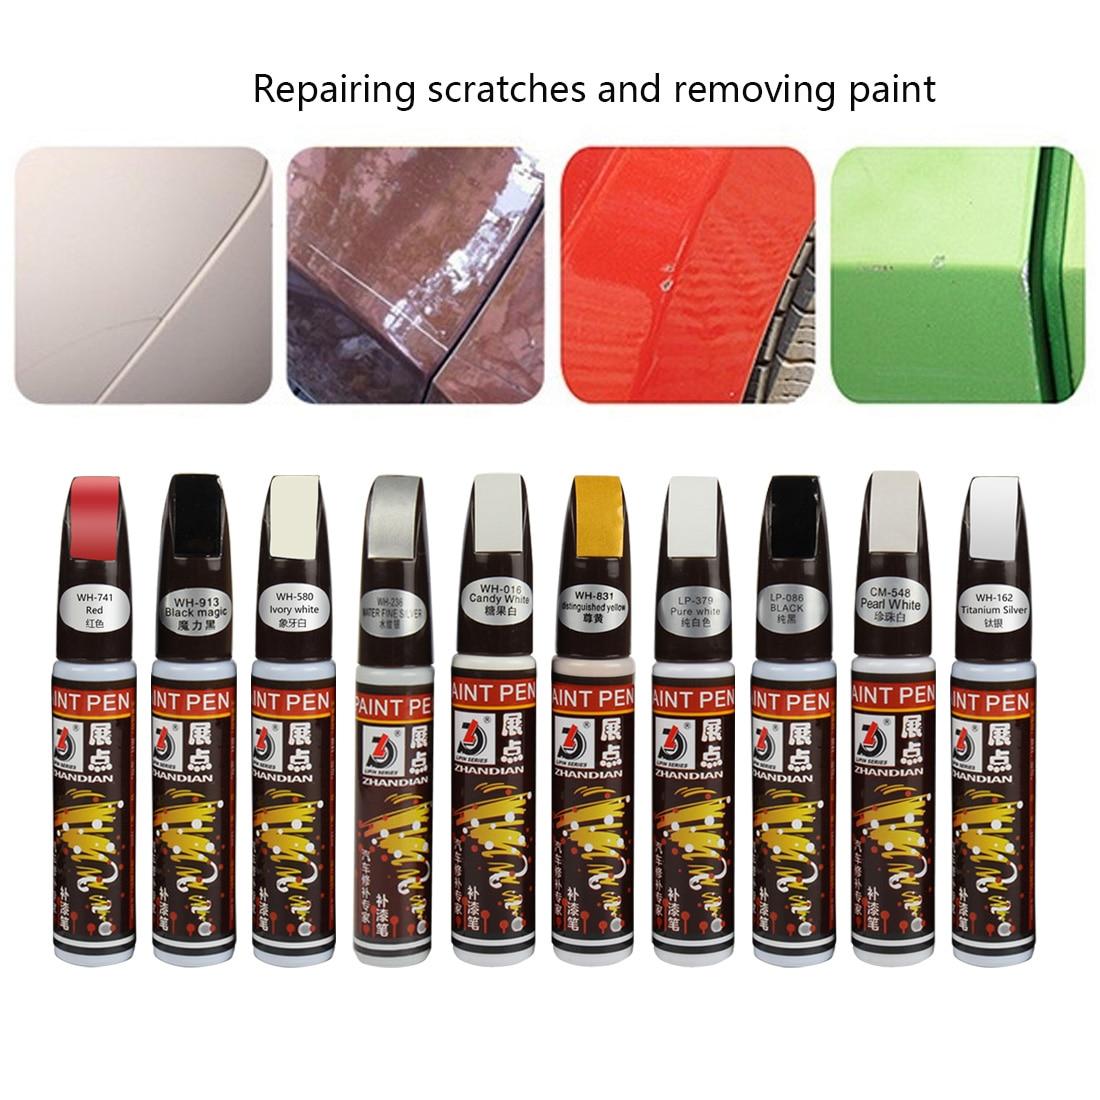 Ручка для подсветки автомобиля, водонепроницаемая, для ремонта и обслуживания краски, устойчивая к царапинам, автомобильные аксессуары